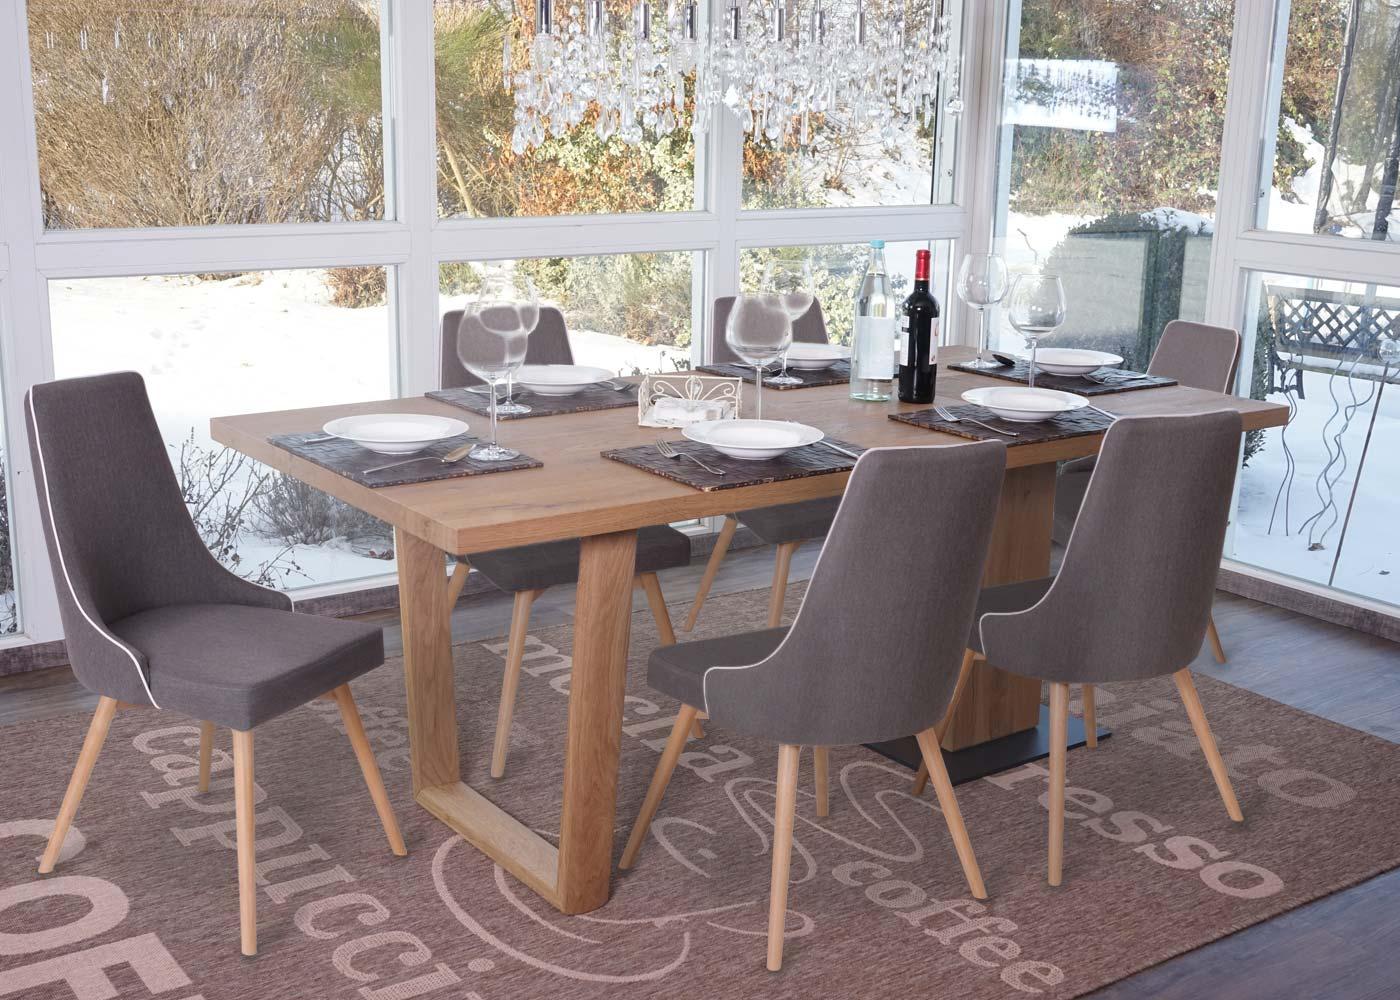 6x esszimmerstuhl hwc b44 stuhl lehnstuhl retro 50er jahre design textil ebay. Black Bedroom Furniture Sets. Home Design Ideas